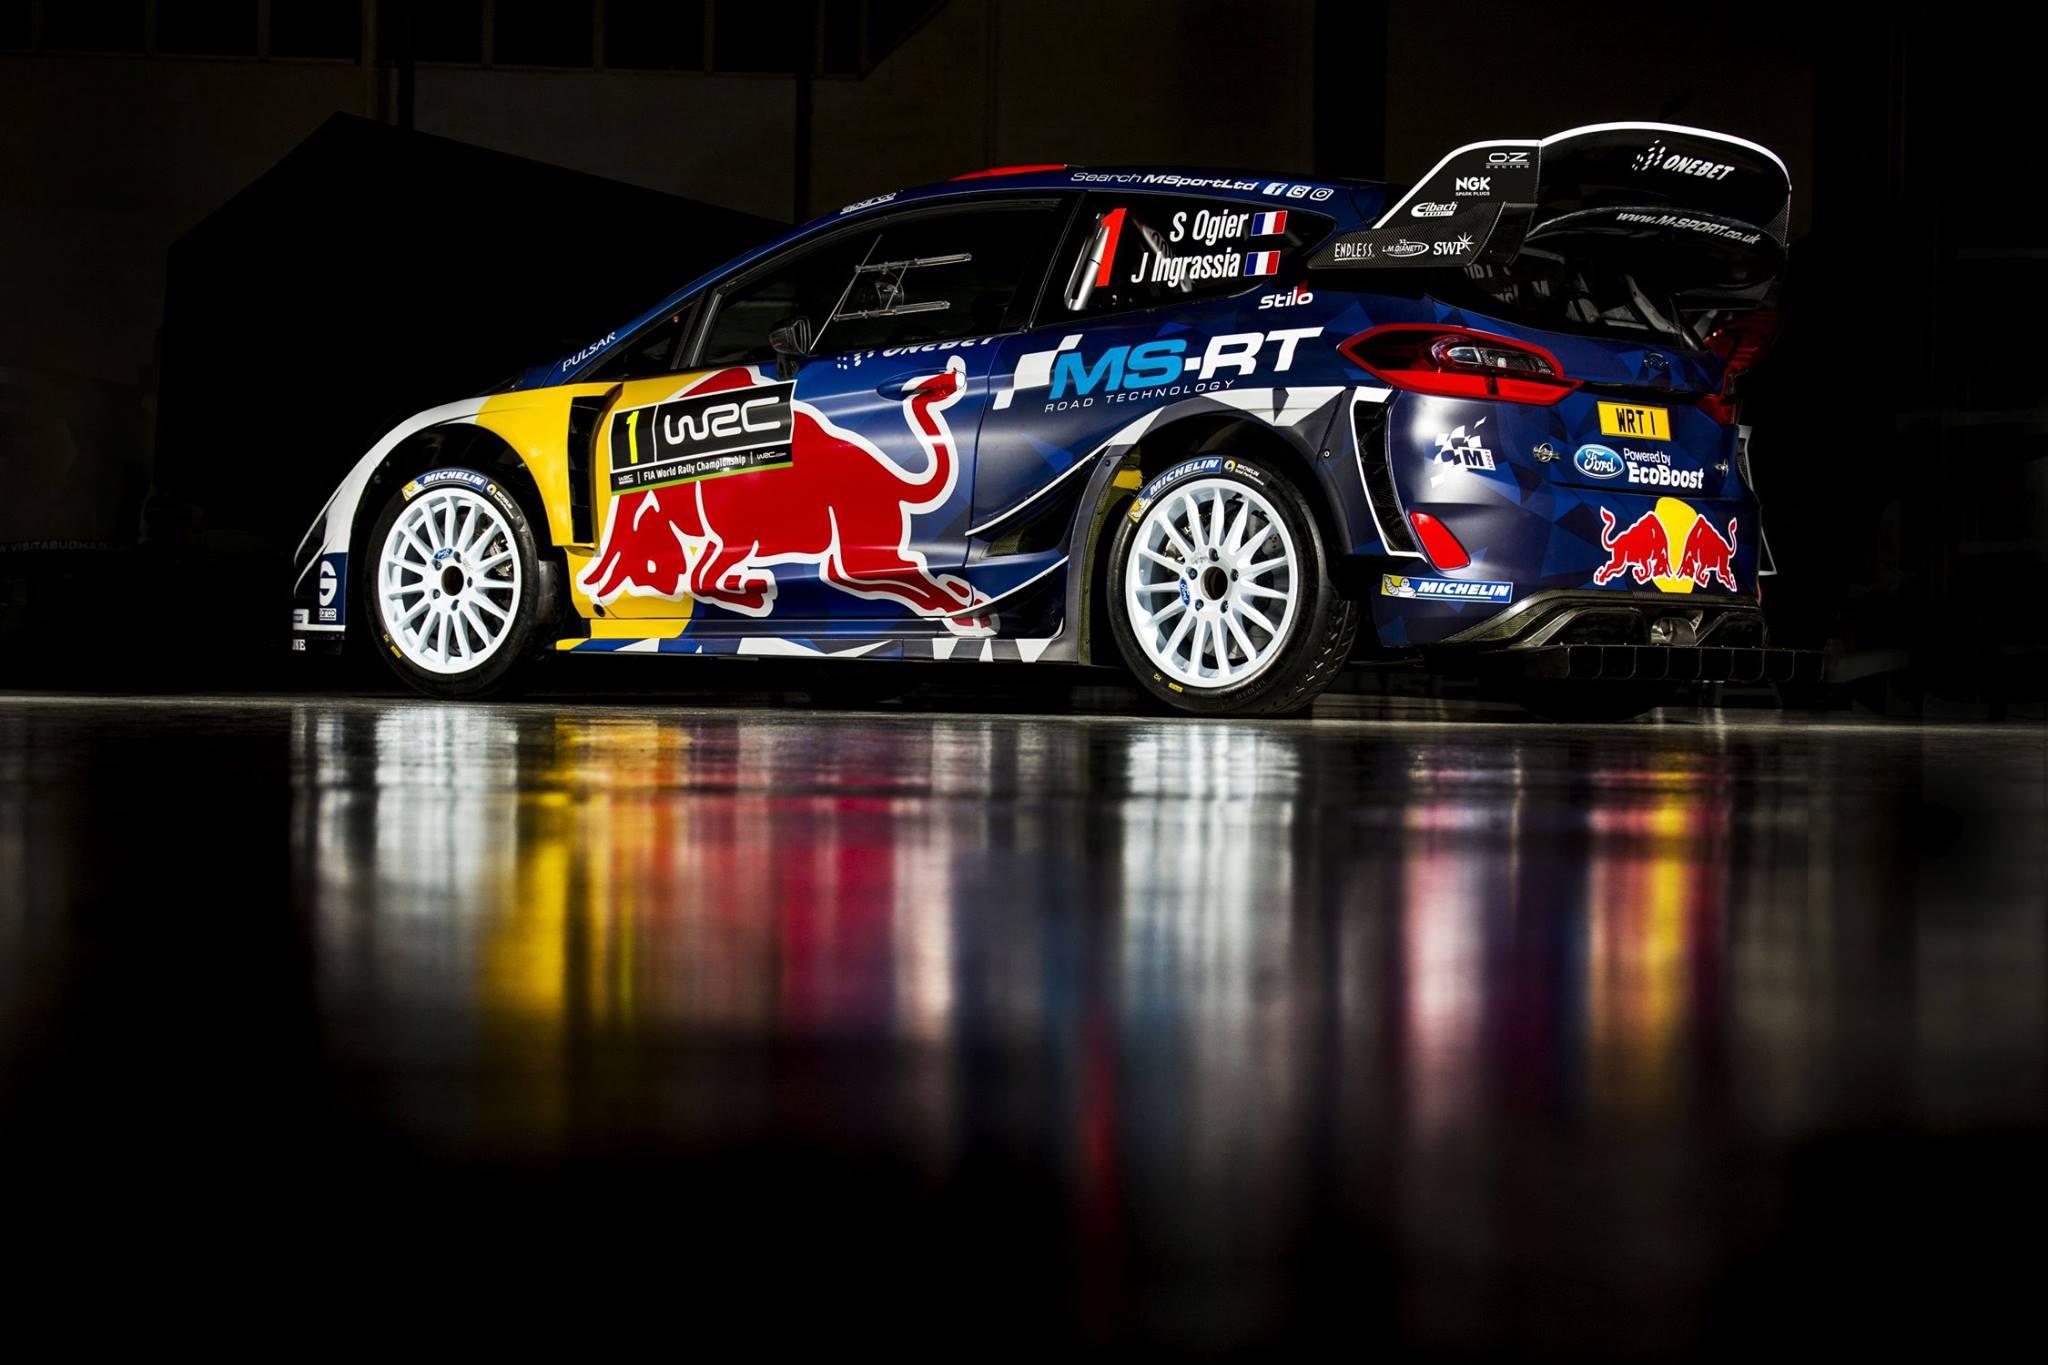 WRC - Vidéo: Les couleurs de la Ford d'Ogier